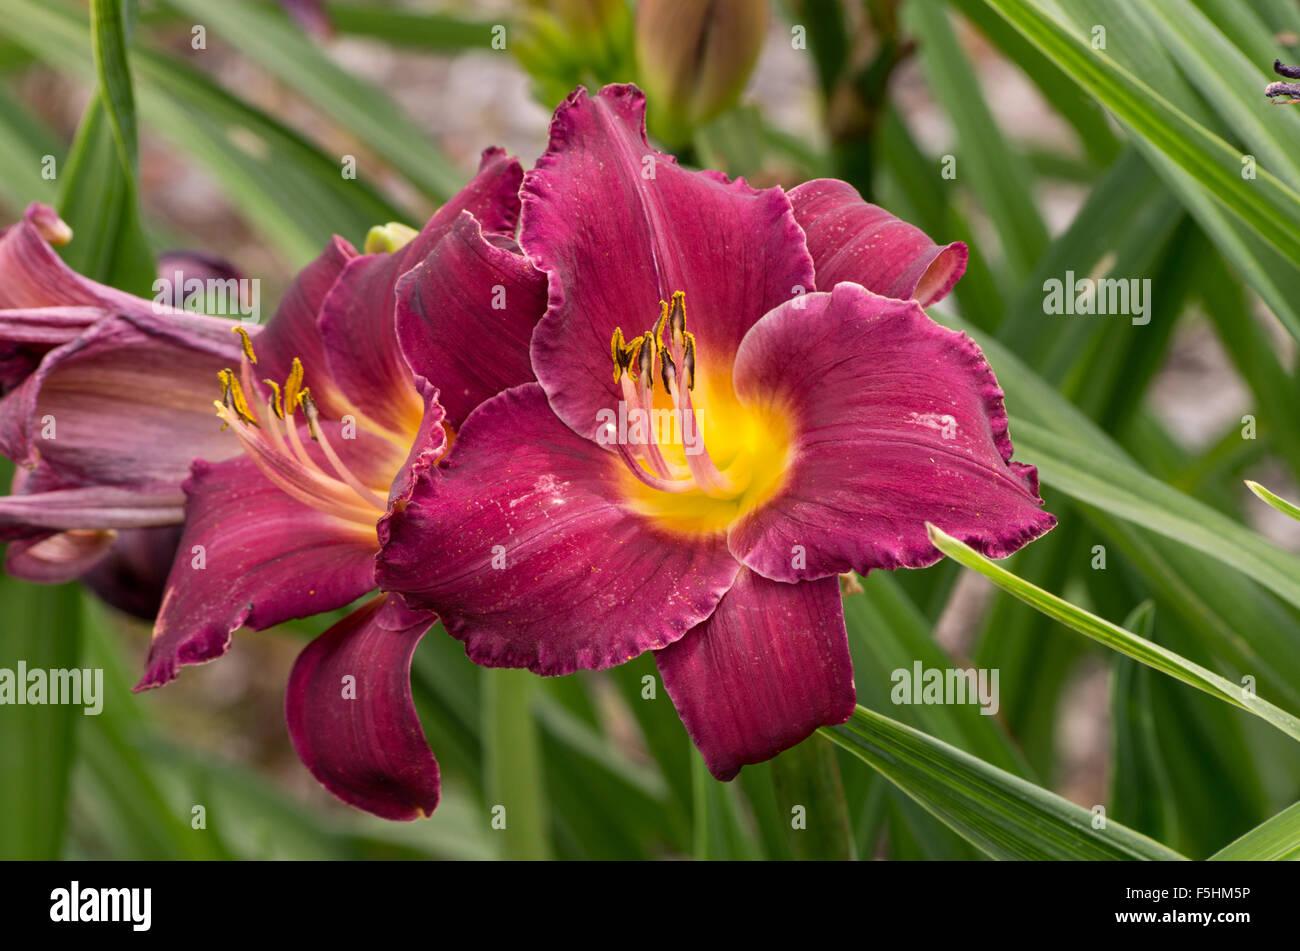 Hemerocallis Georgette Belden Stock Photo